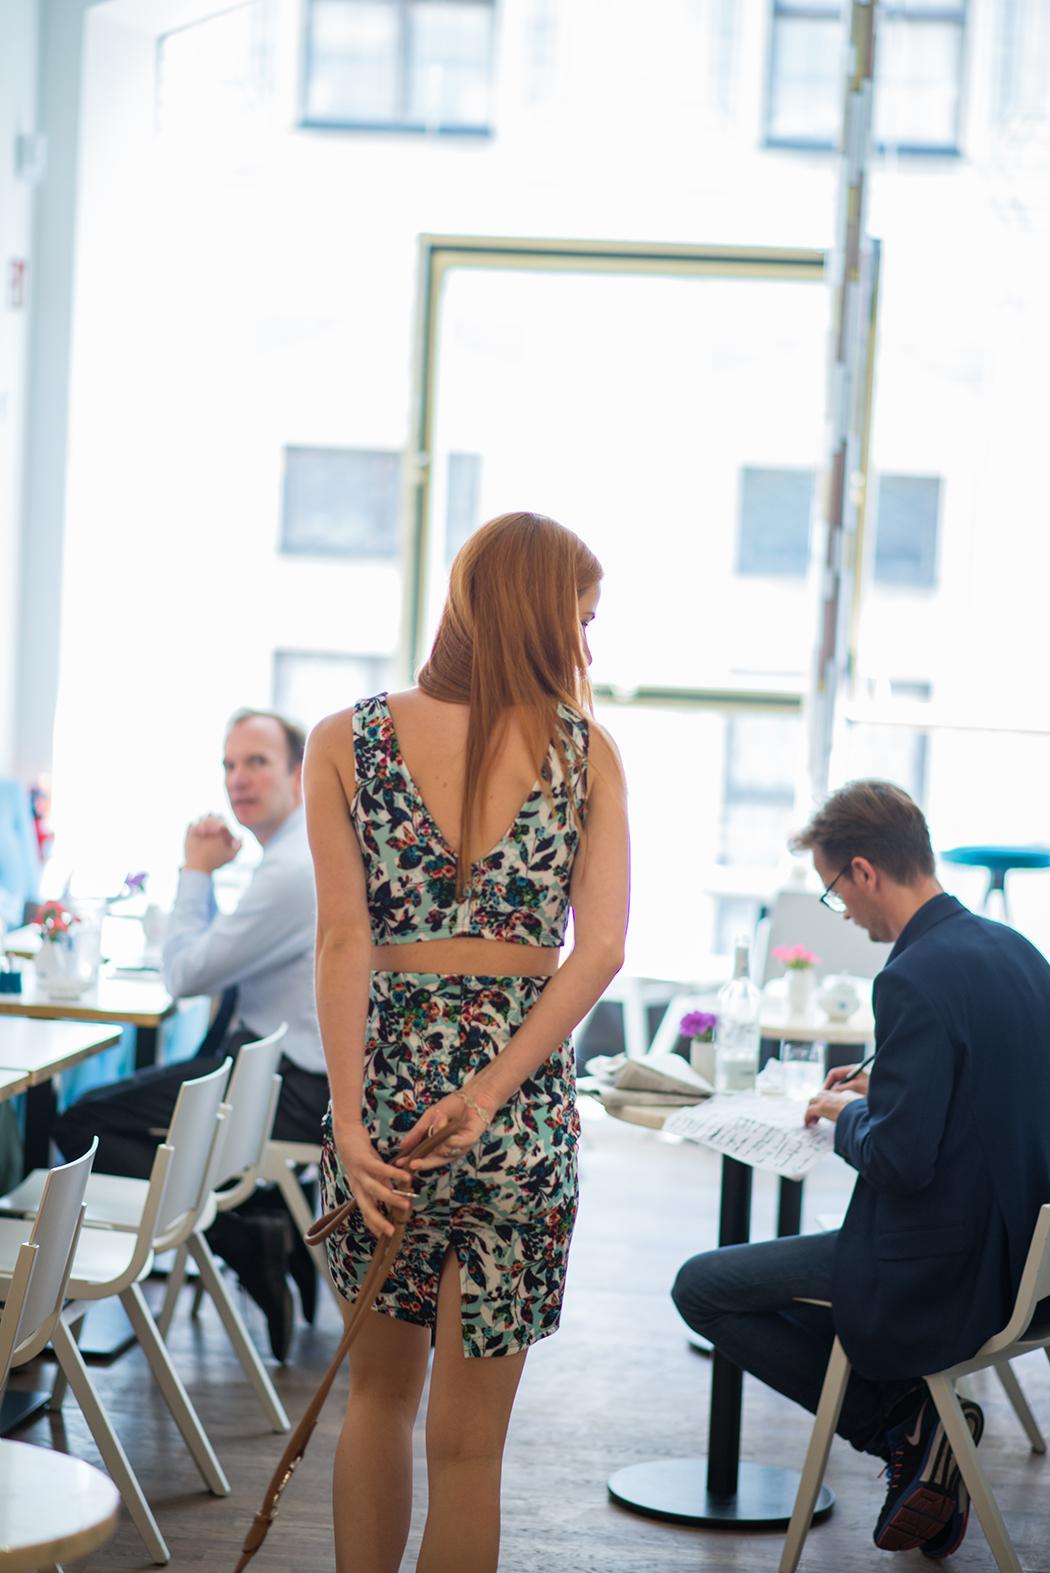 Fashionblog-Fashionblogger-Fashion-Blog-Blogger-München-Munich-Deutschland-Lifestyle-Interior-Linda-Lindarella-Rella-Kare-Boxspringbett-beige-4